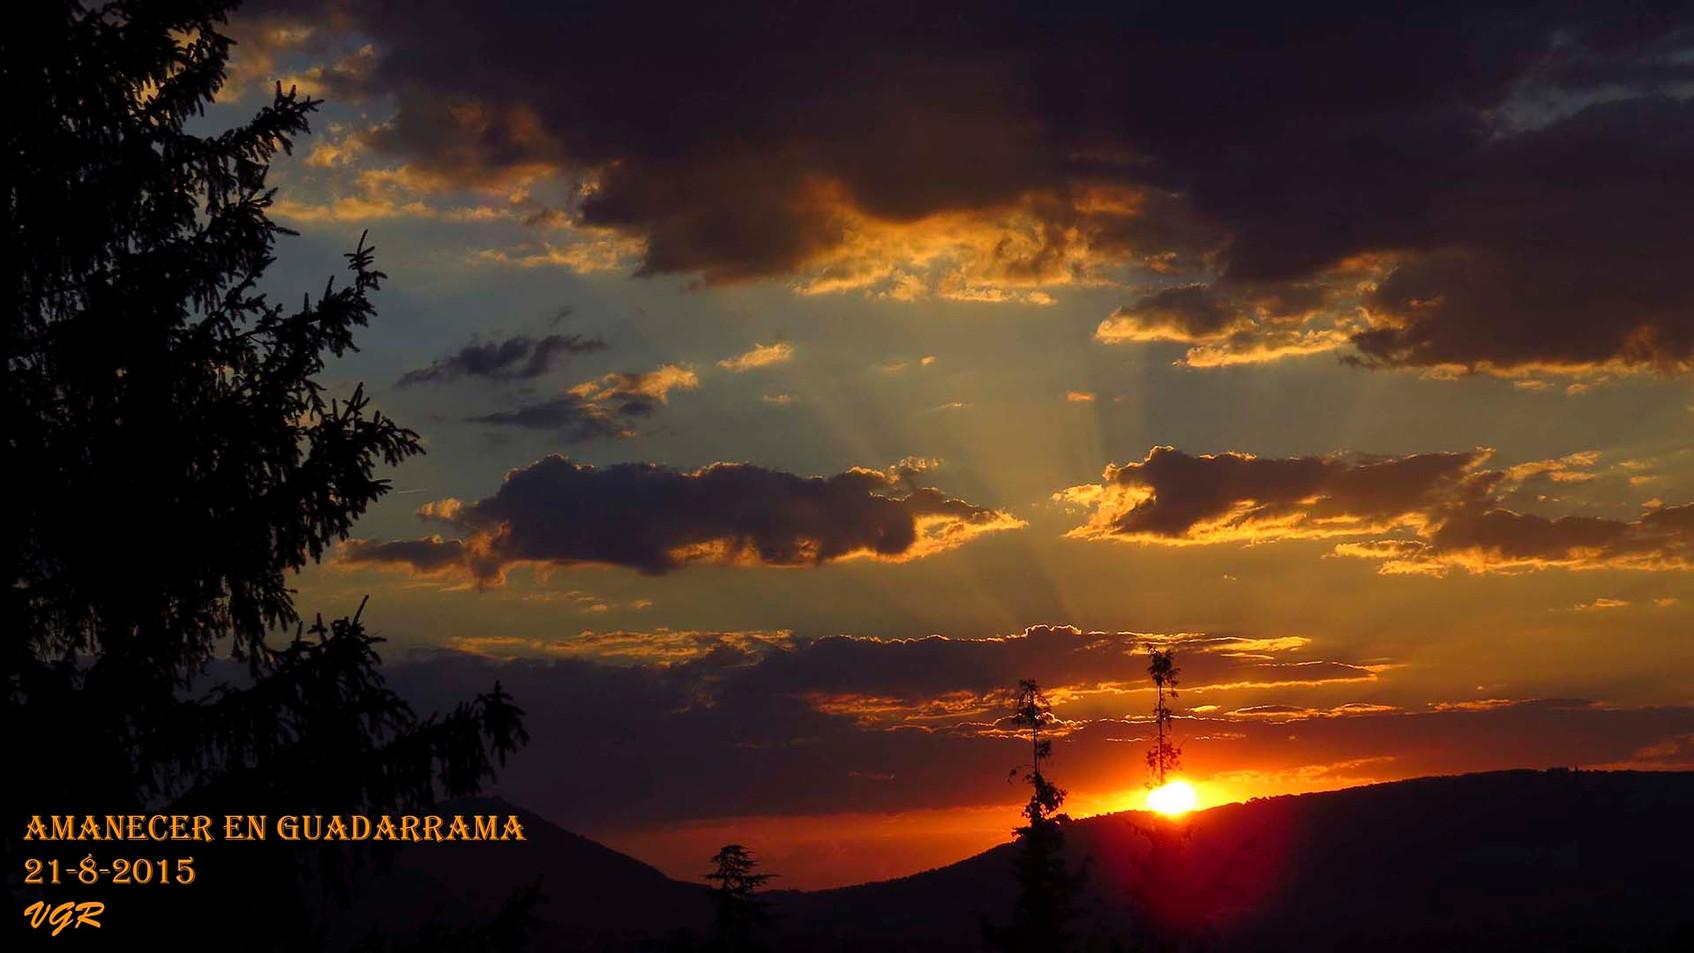 Amanecer-Guadarrama-21-9-2015-3-WEB.jpg